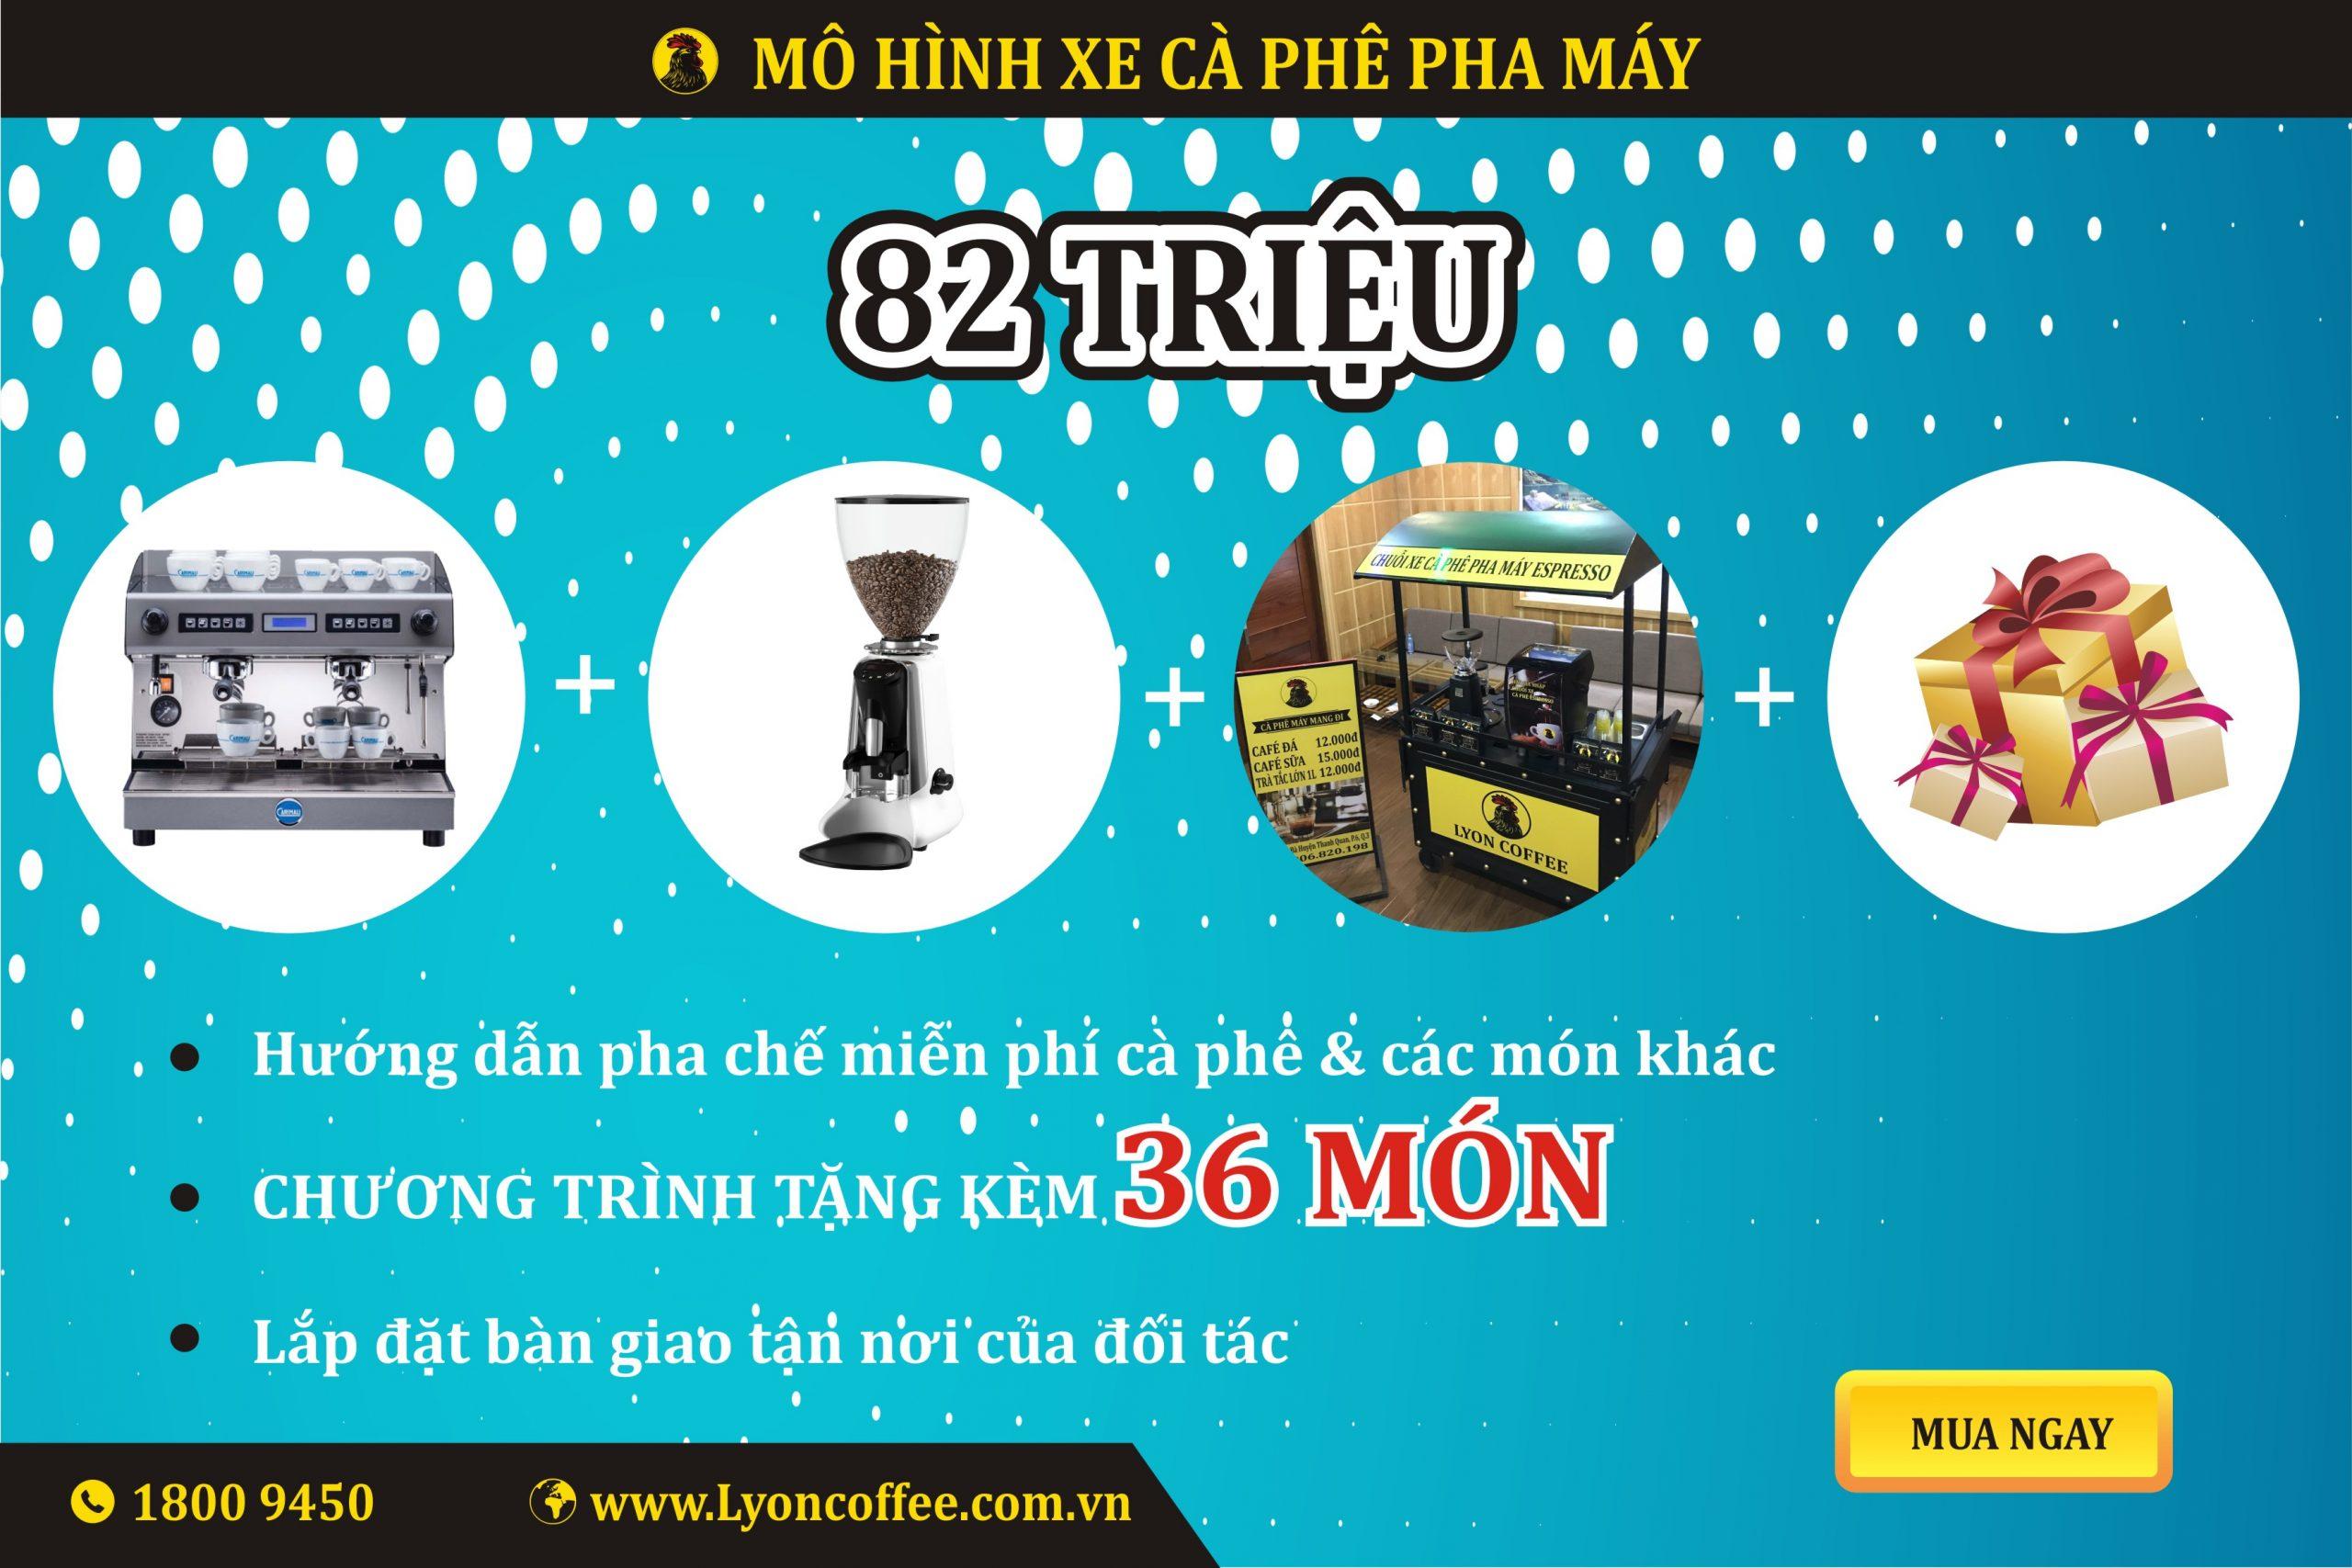 Kinh doanh mô hình mua xe đẩy bán cà phê chỉ 82 triệu đồng